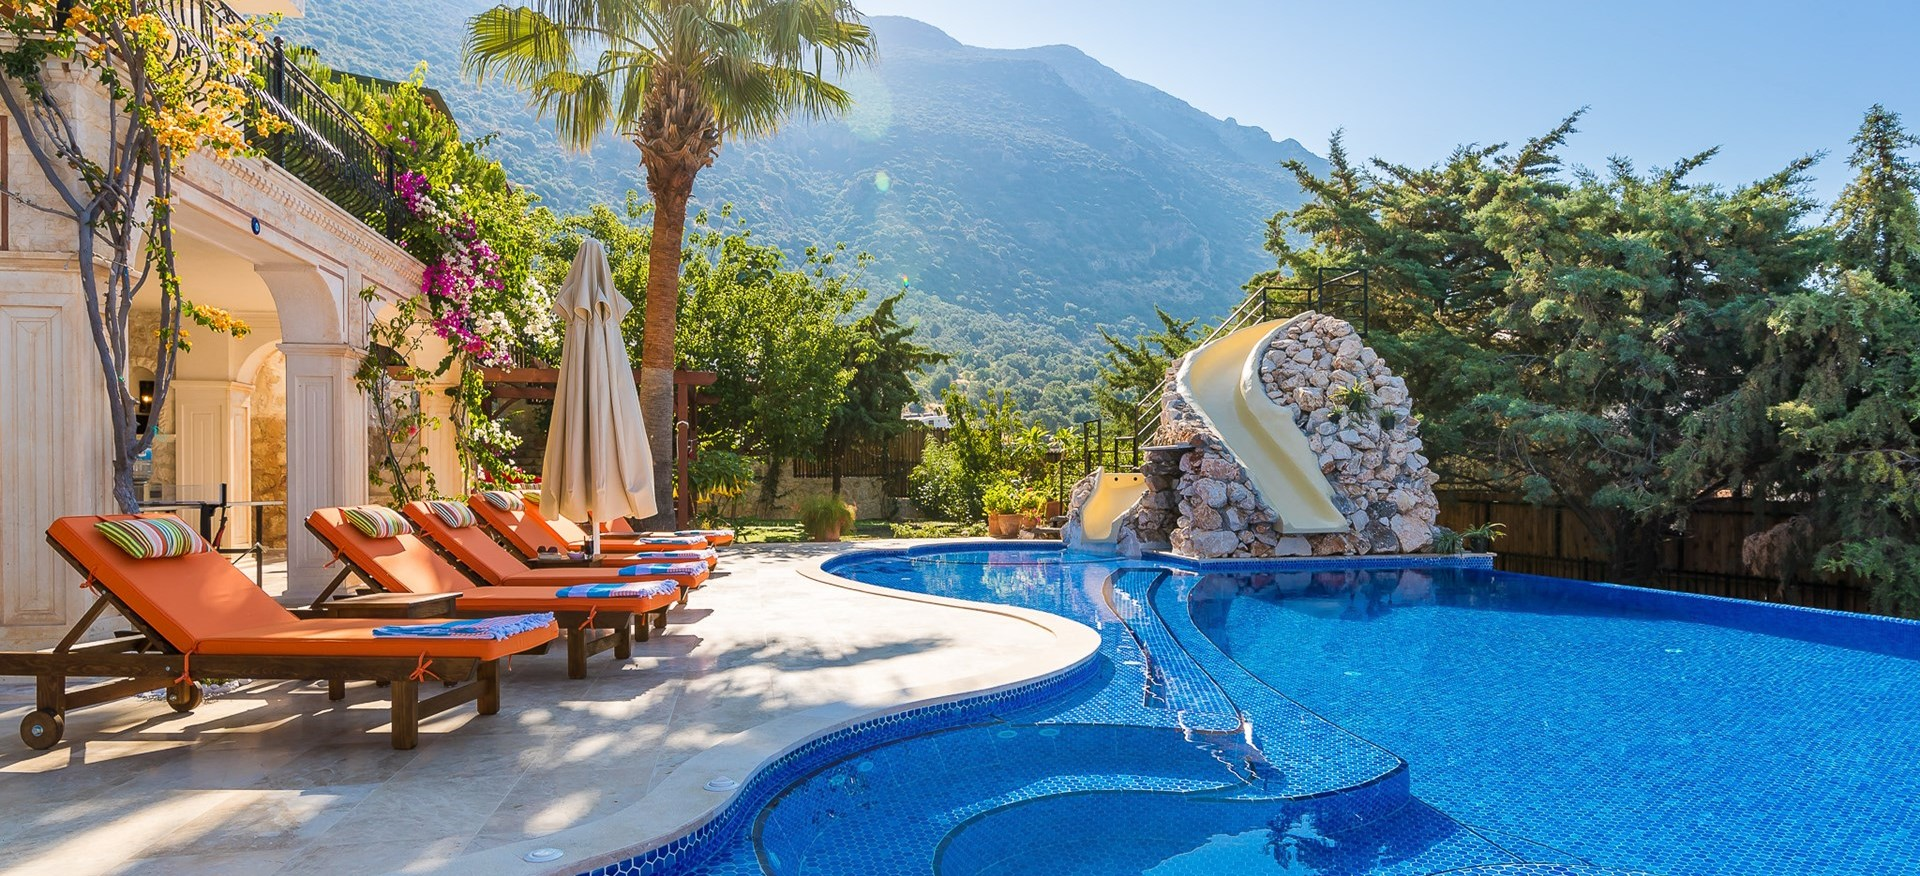 villa-caria-kalkan-swimming-pool